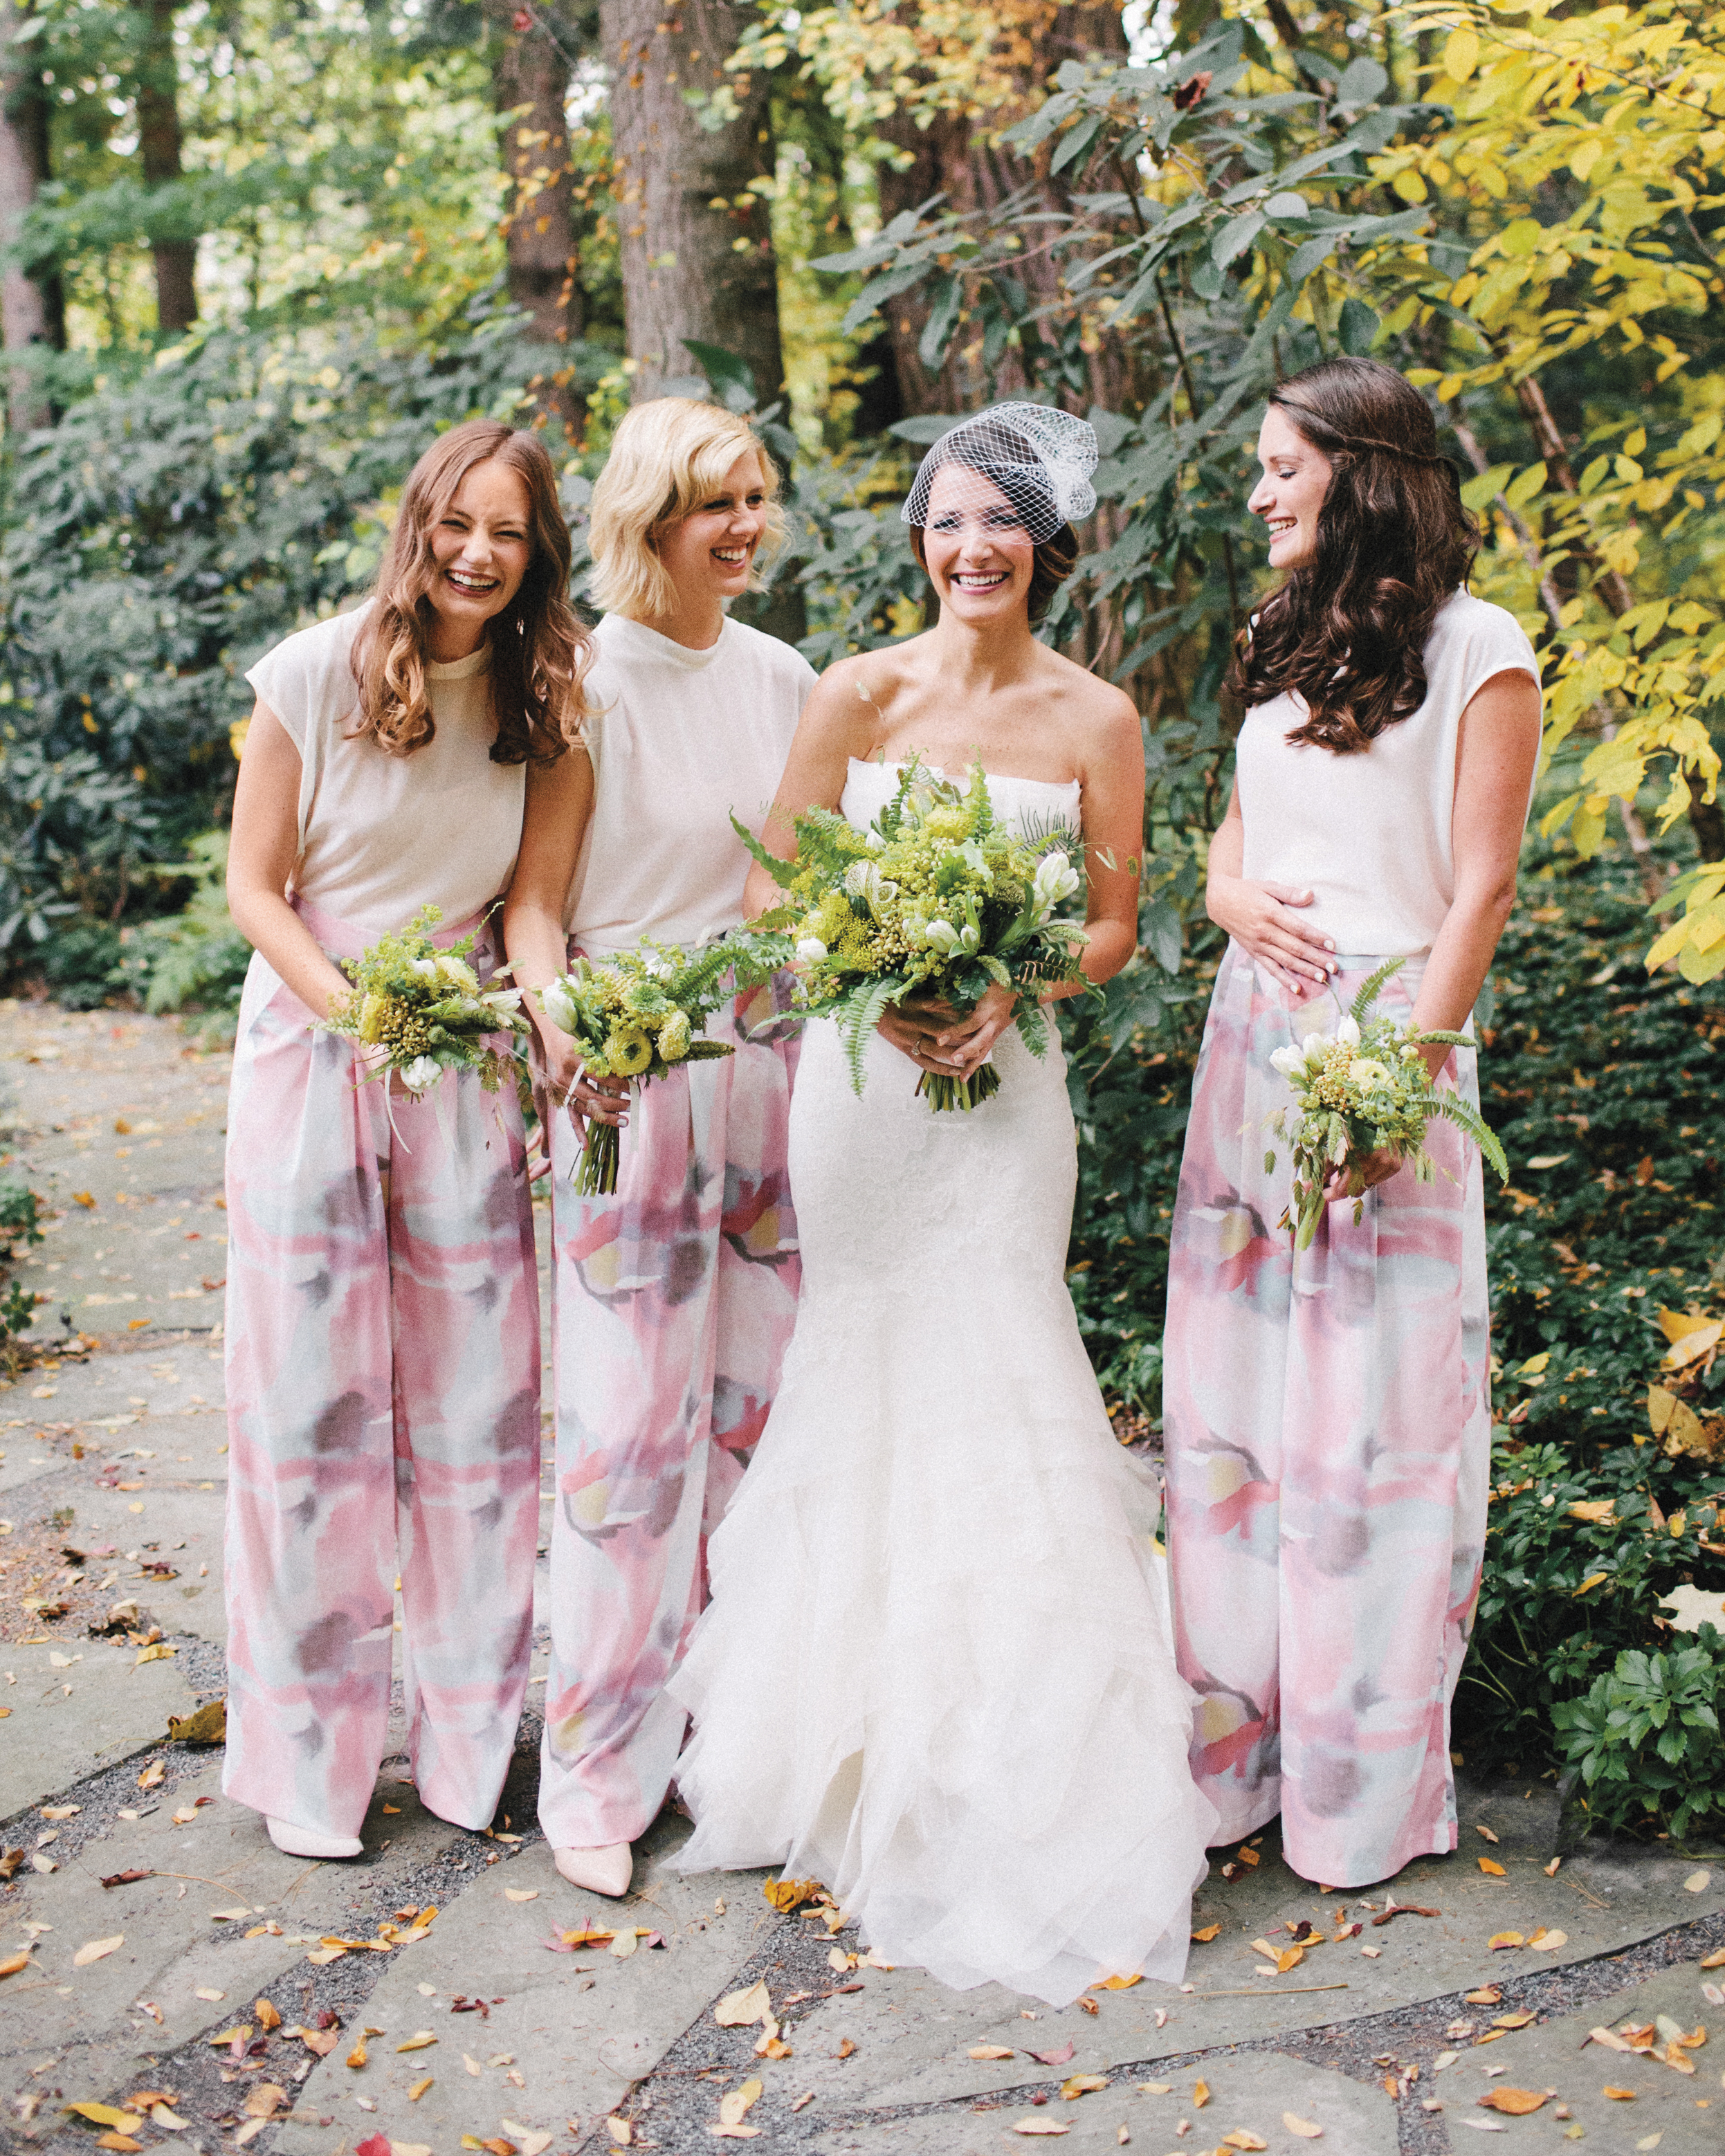 lr-chelsa-dennis-wed-bride-bridesmaids-154-ds111142.jpg